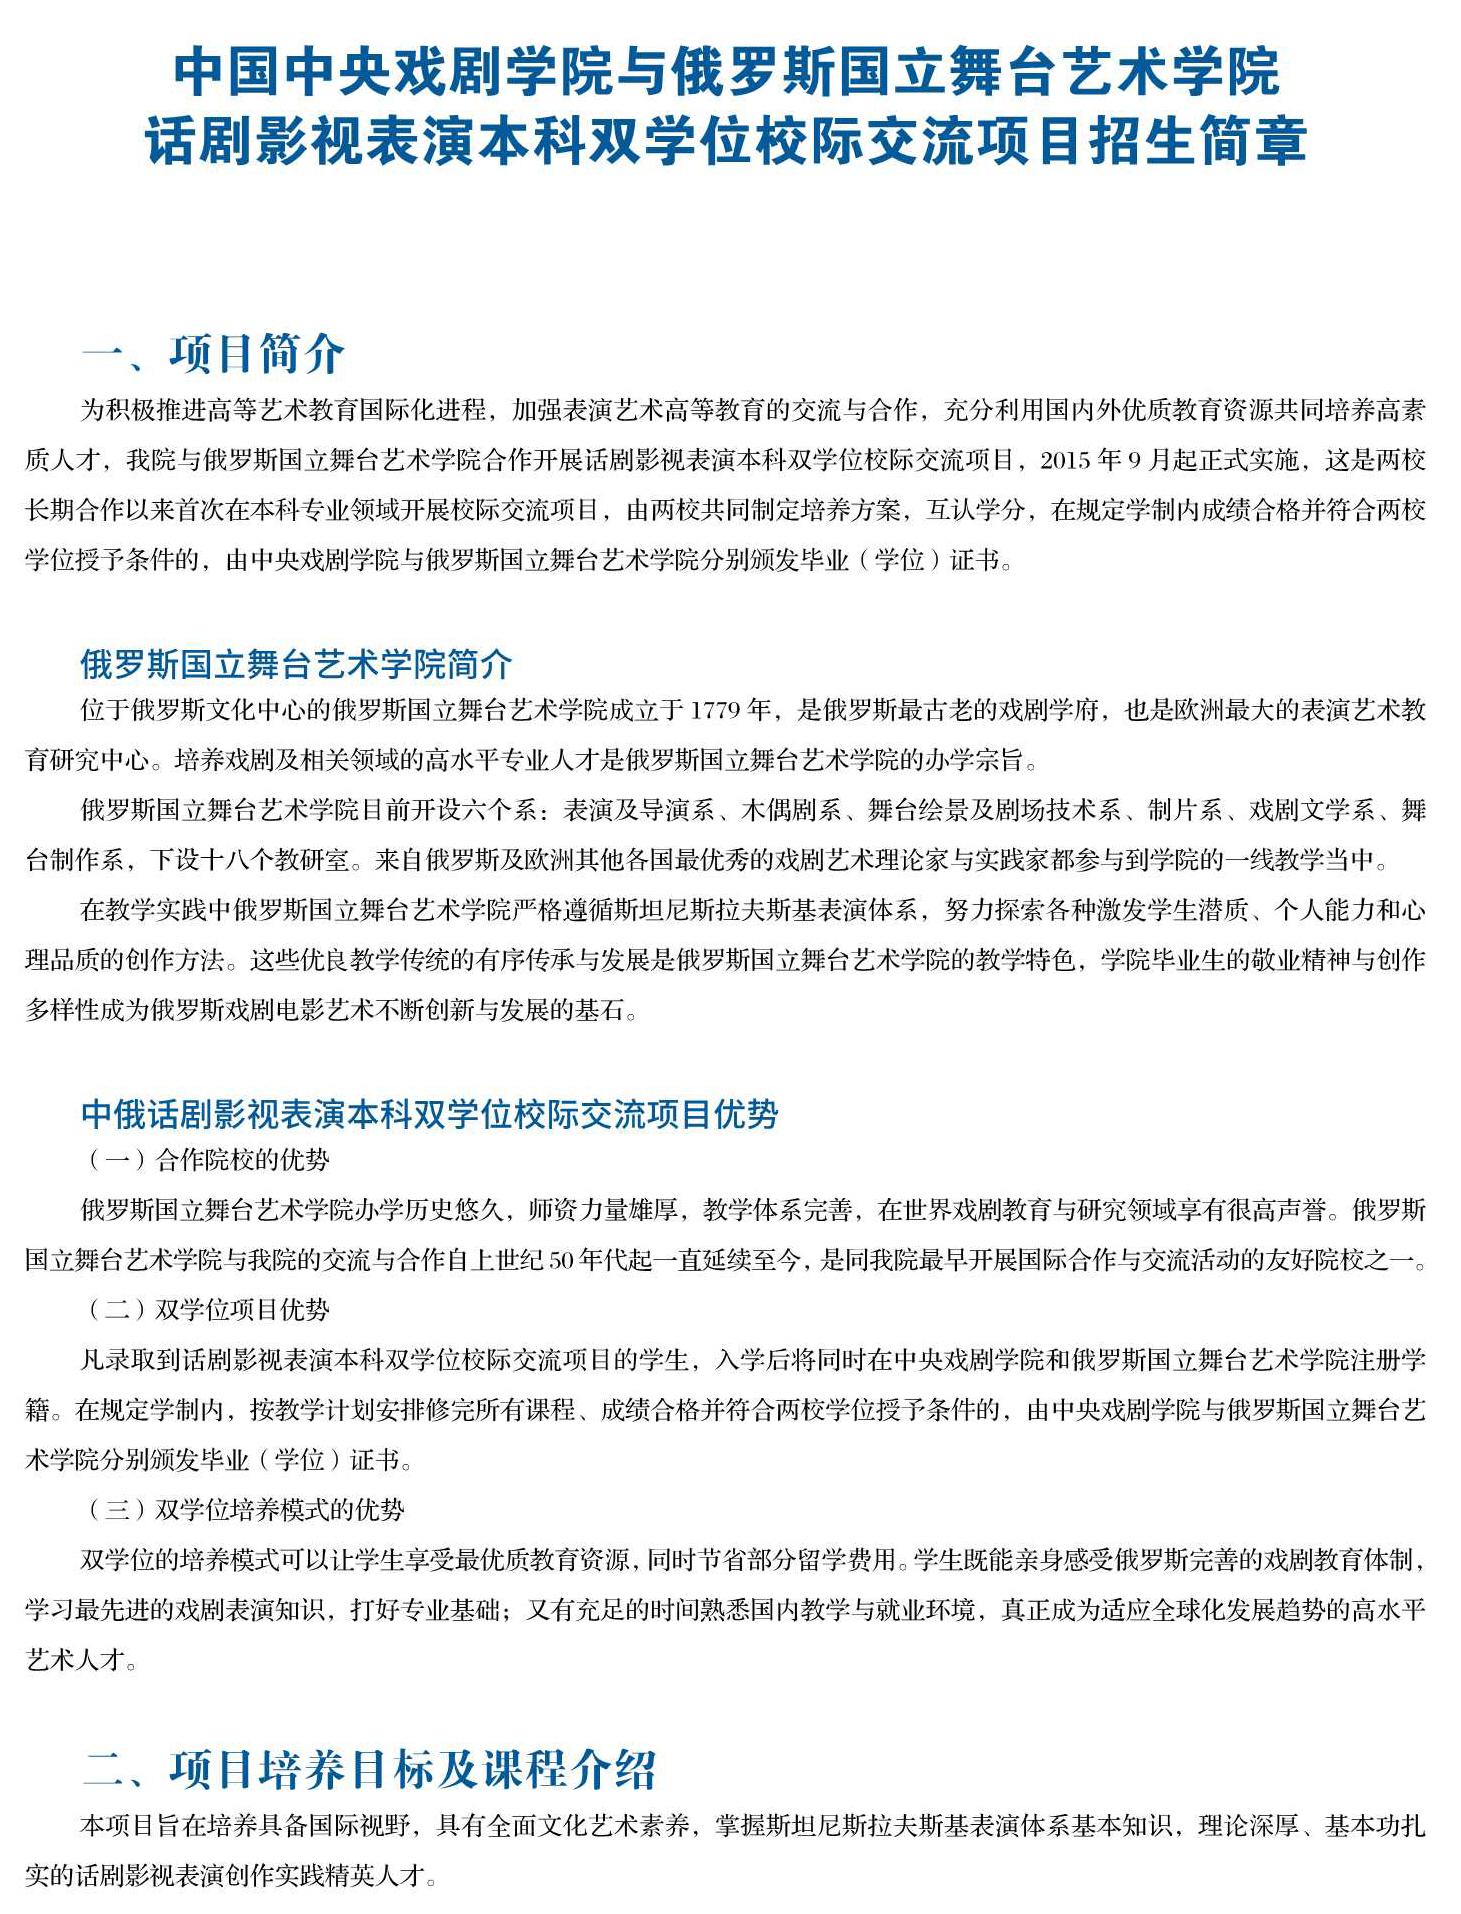 中心戲劇學院2019年話劇影視扮演雙學位班招生簡章01